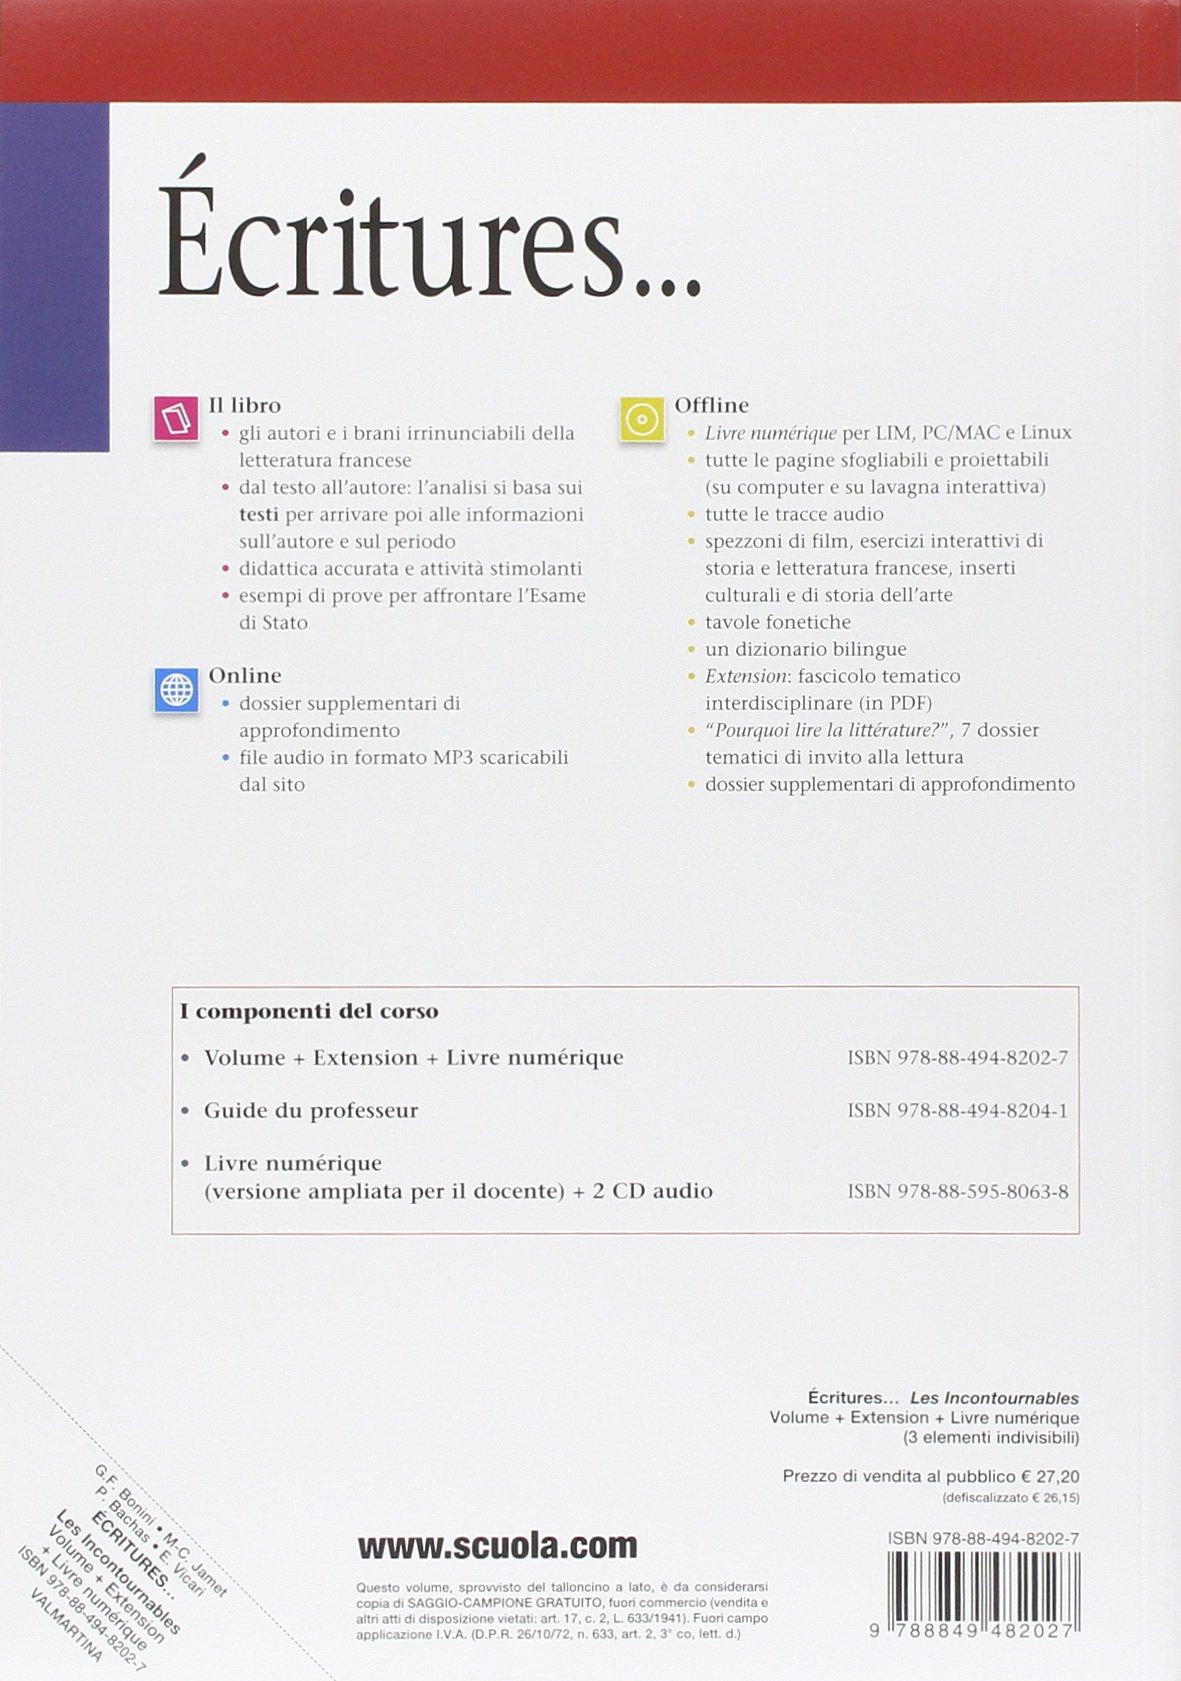 ECRITURES LES INCONTOURNABLES PDF DOWNLOAD